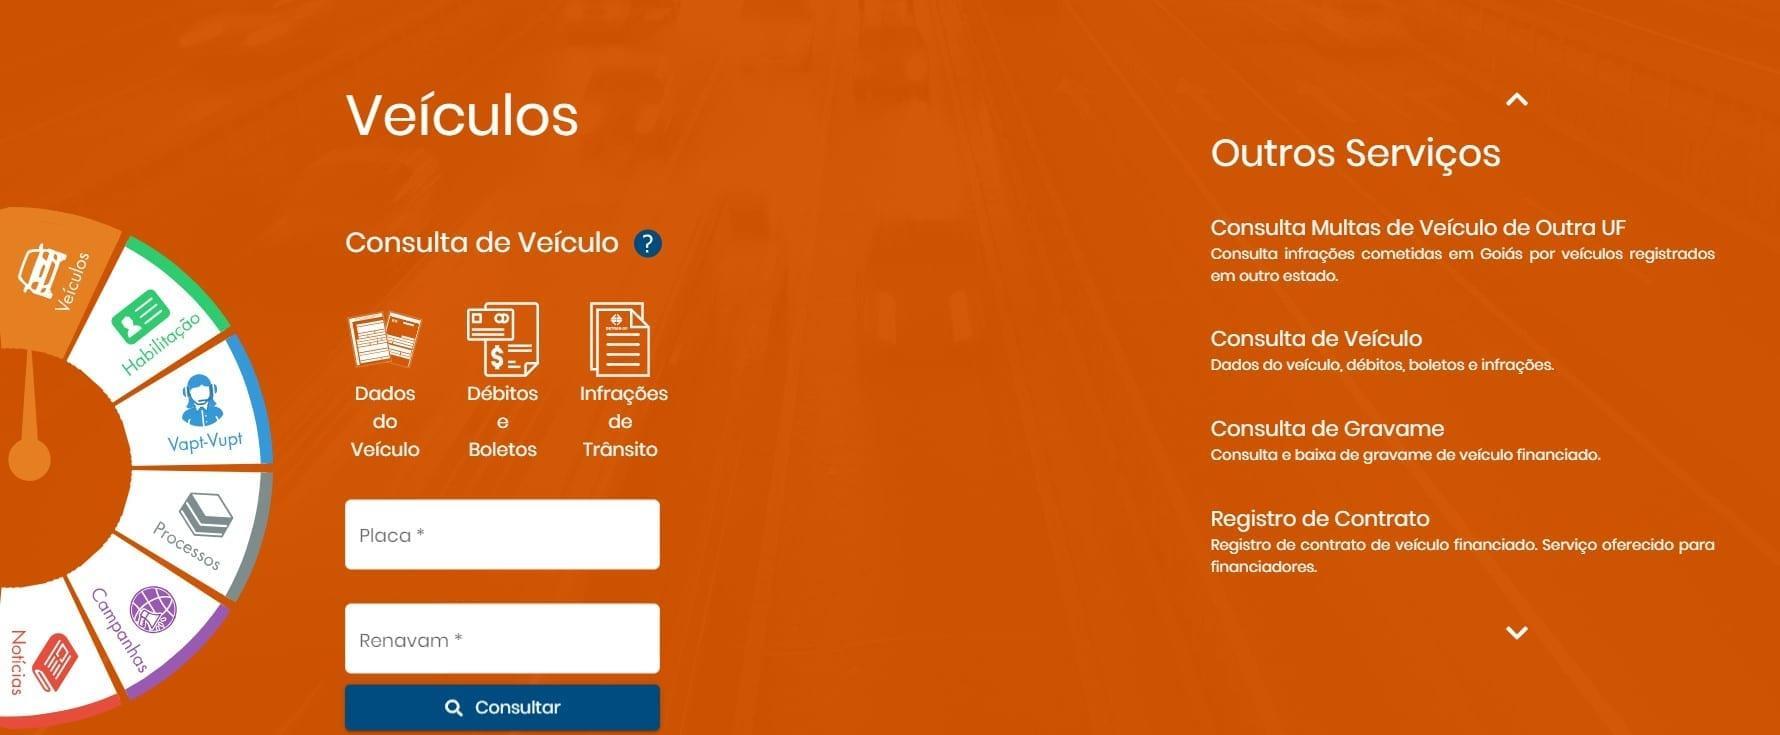 Detran GO 2019: saiba como fazer consultas pelo site (IPVA, multas, etc)